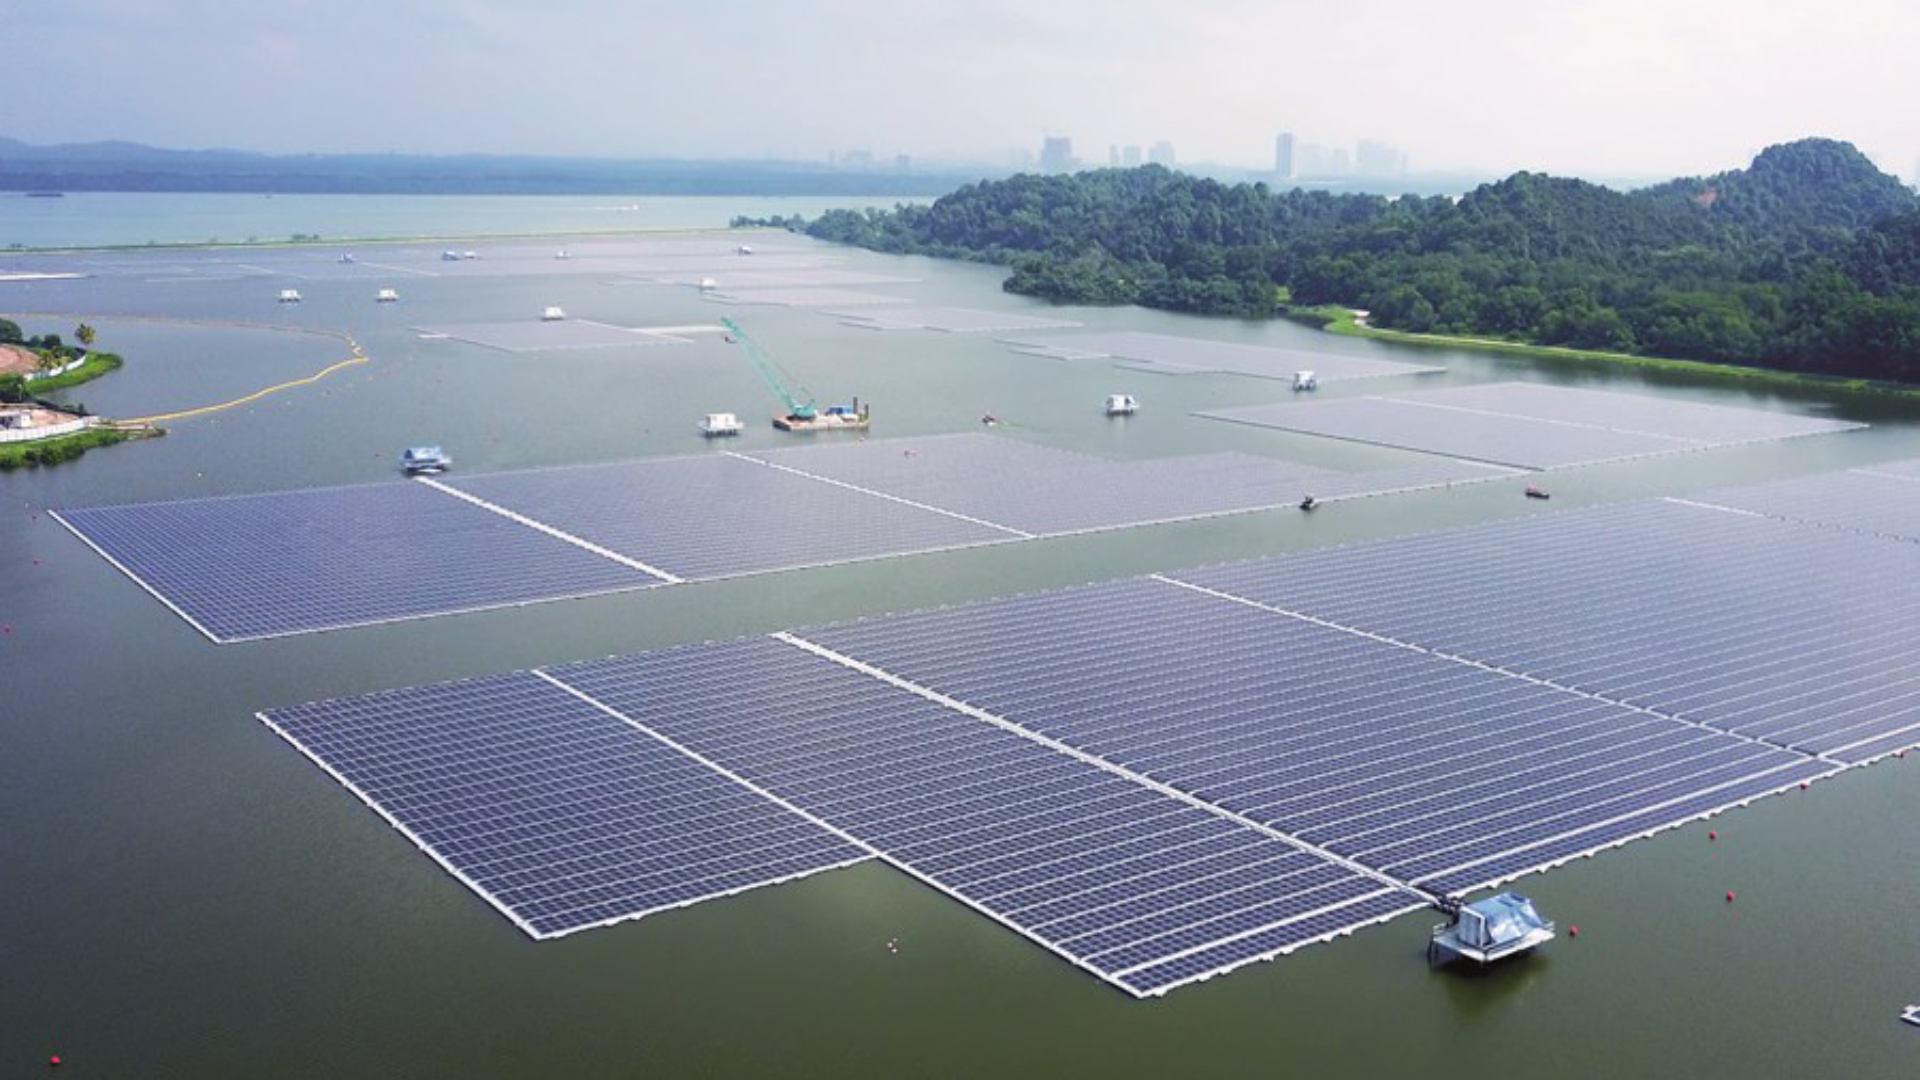 Fermes solaire flottantes: pourquoi poser des panneaux photovoltaïques sur l'eau?